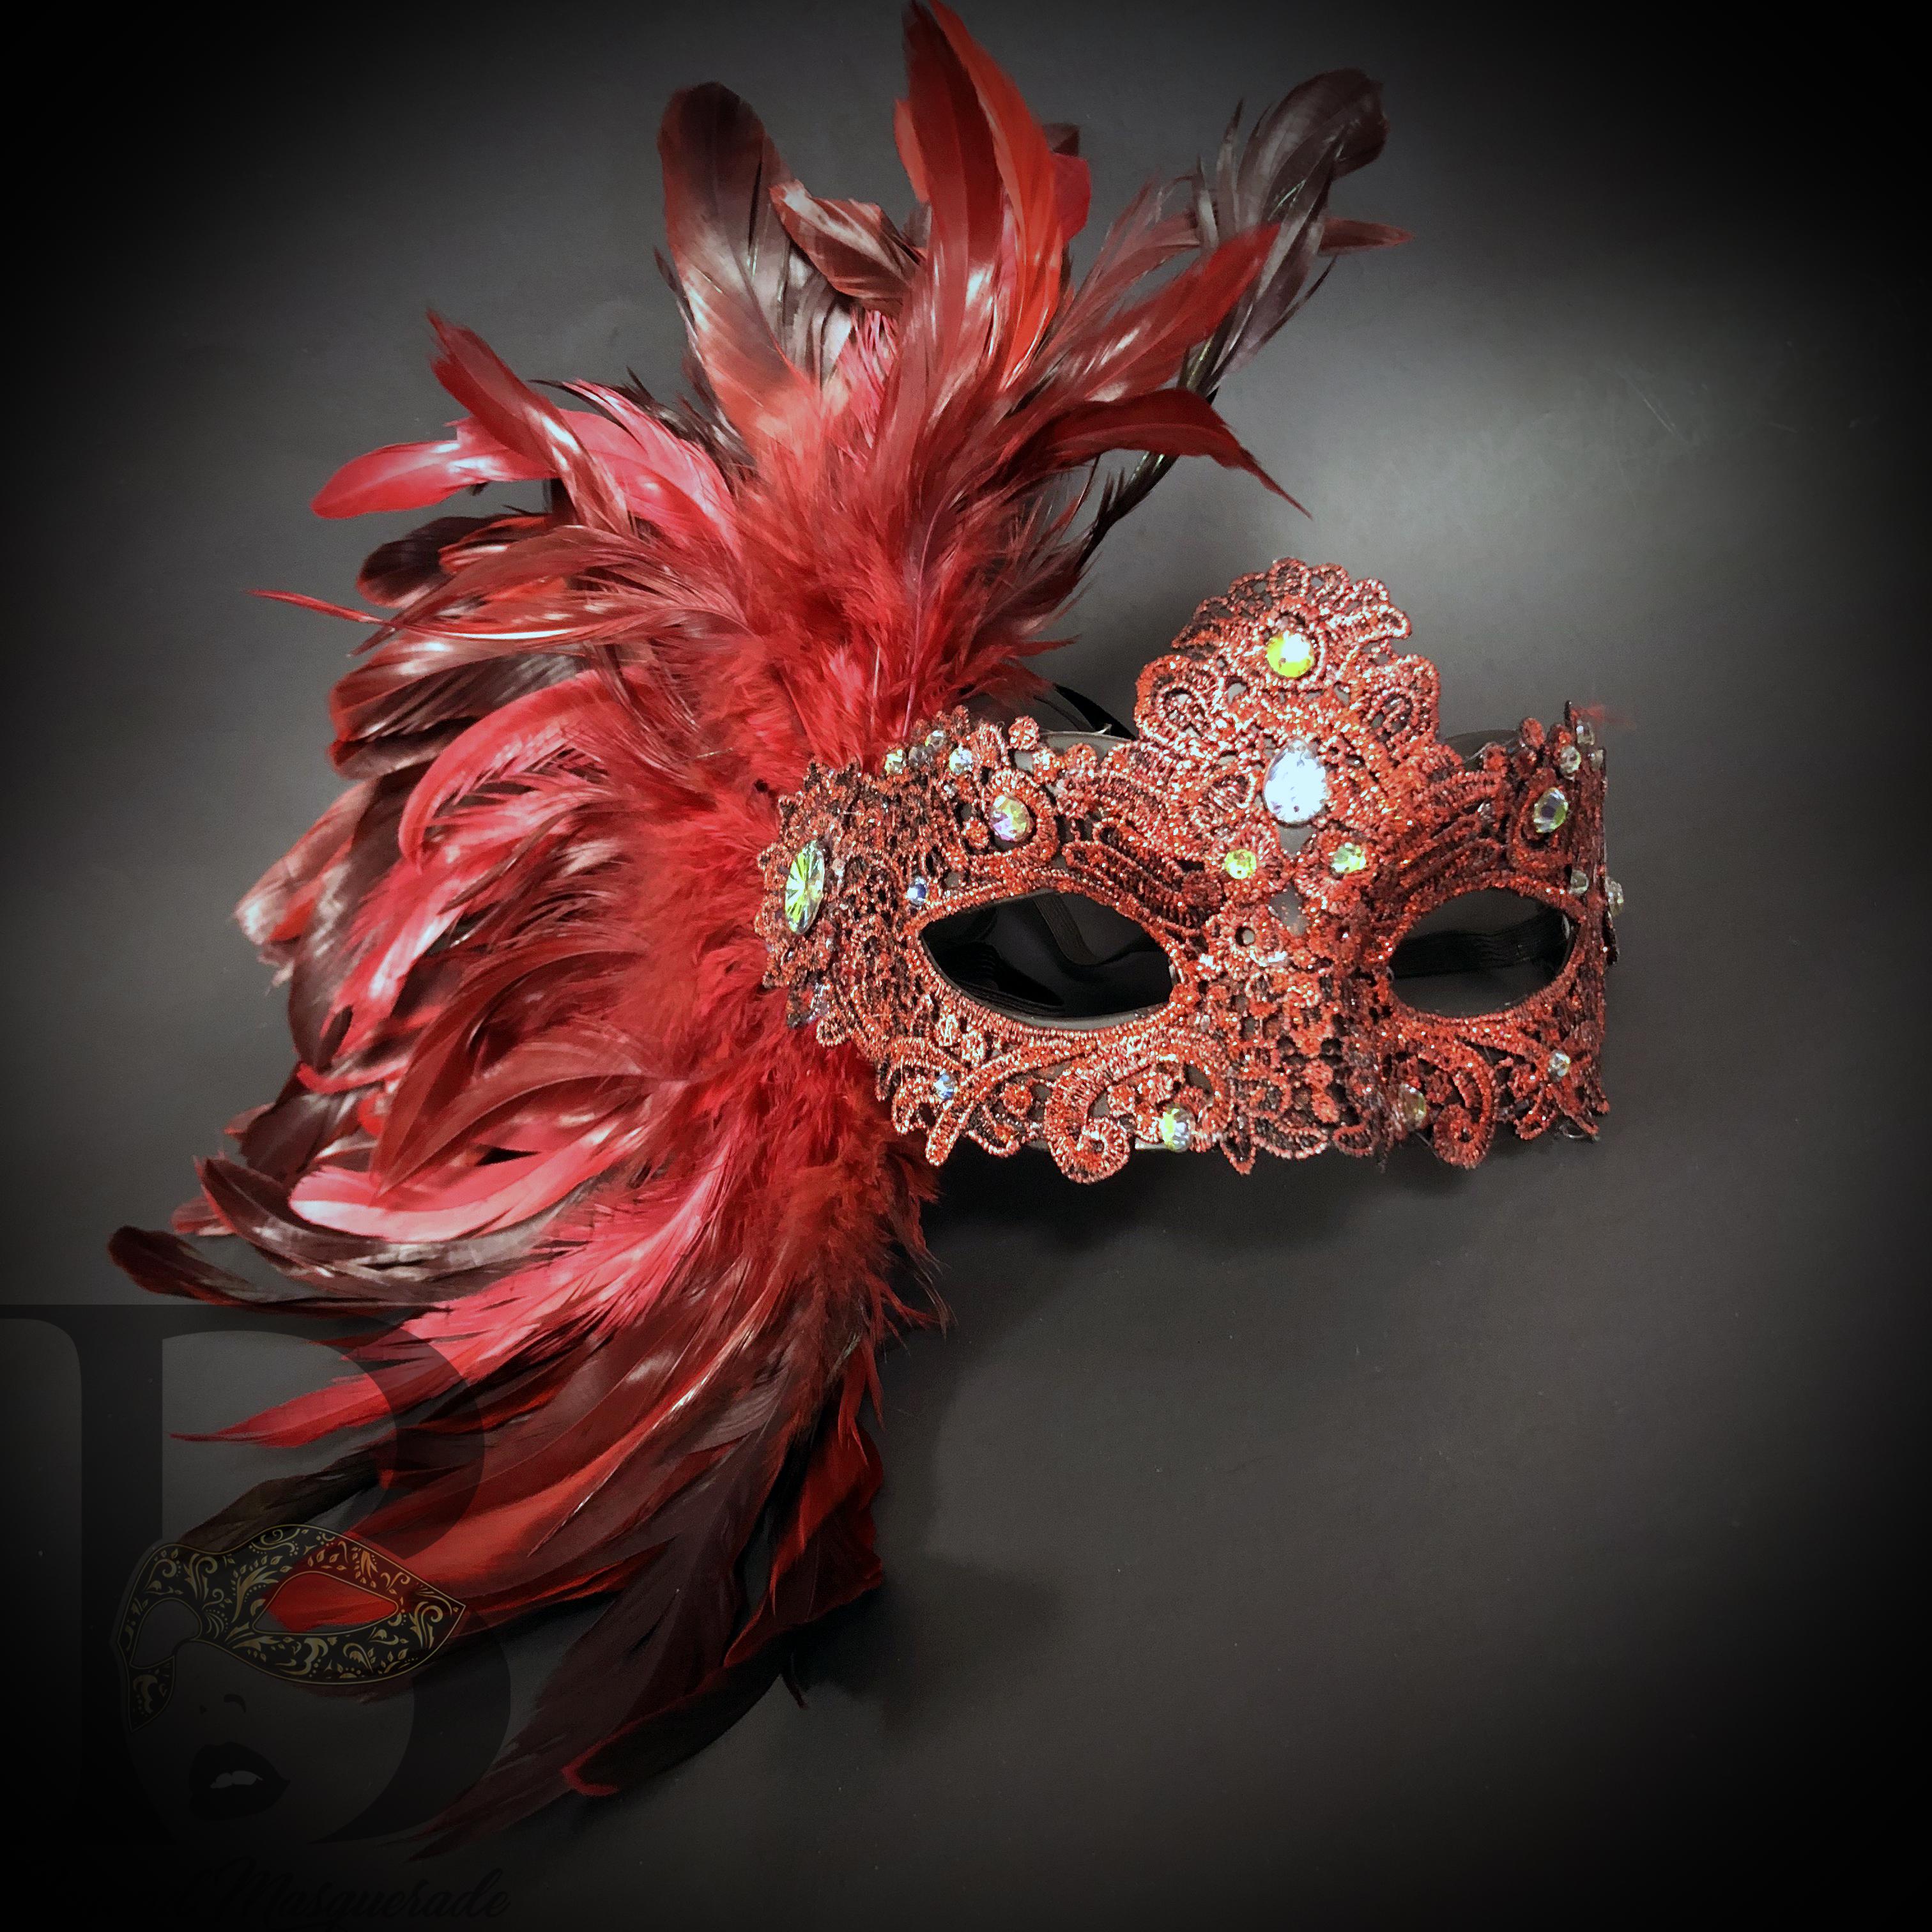 Brand New Mardi Gras Masquerade Male Pirate Mask Red